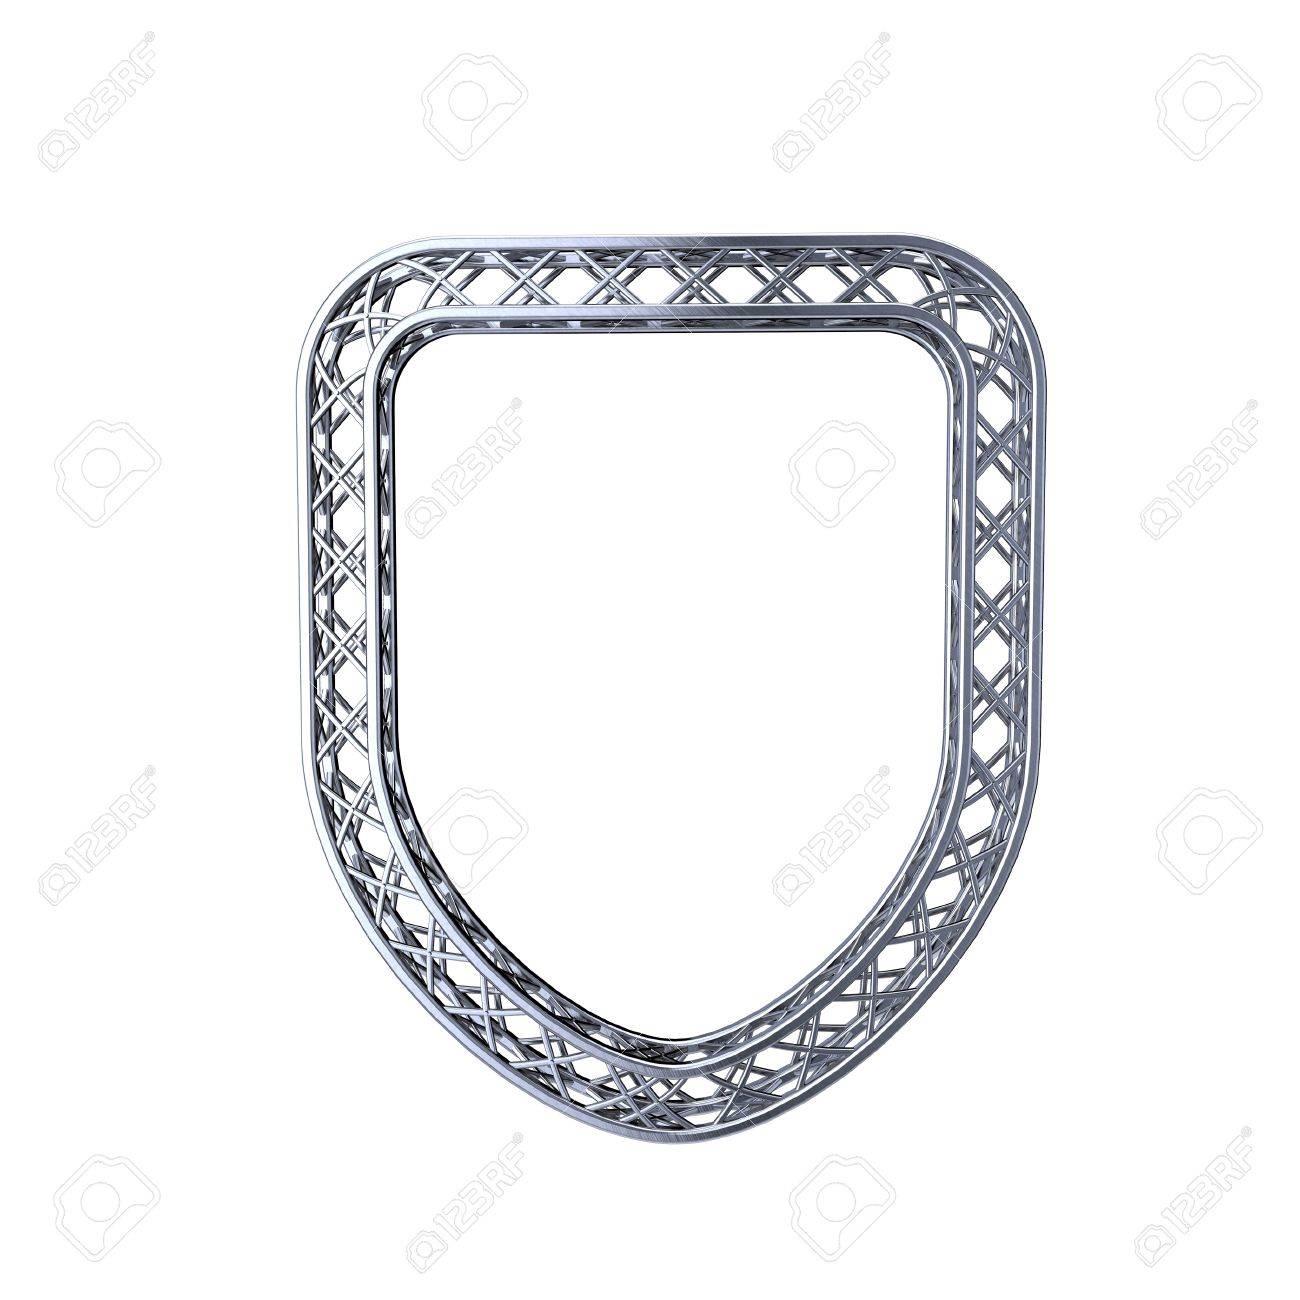 Truss Rahmen In Form Von Schild. Isoliert Auf Weißem Background.3D ...